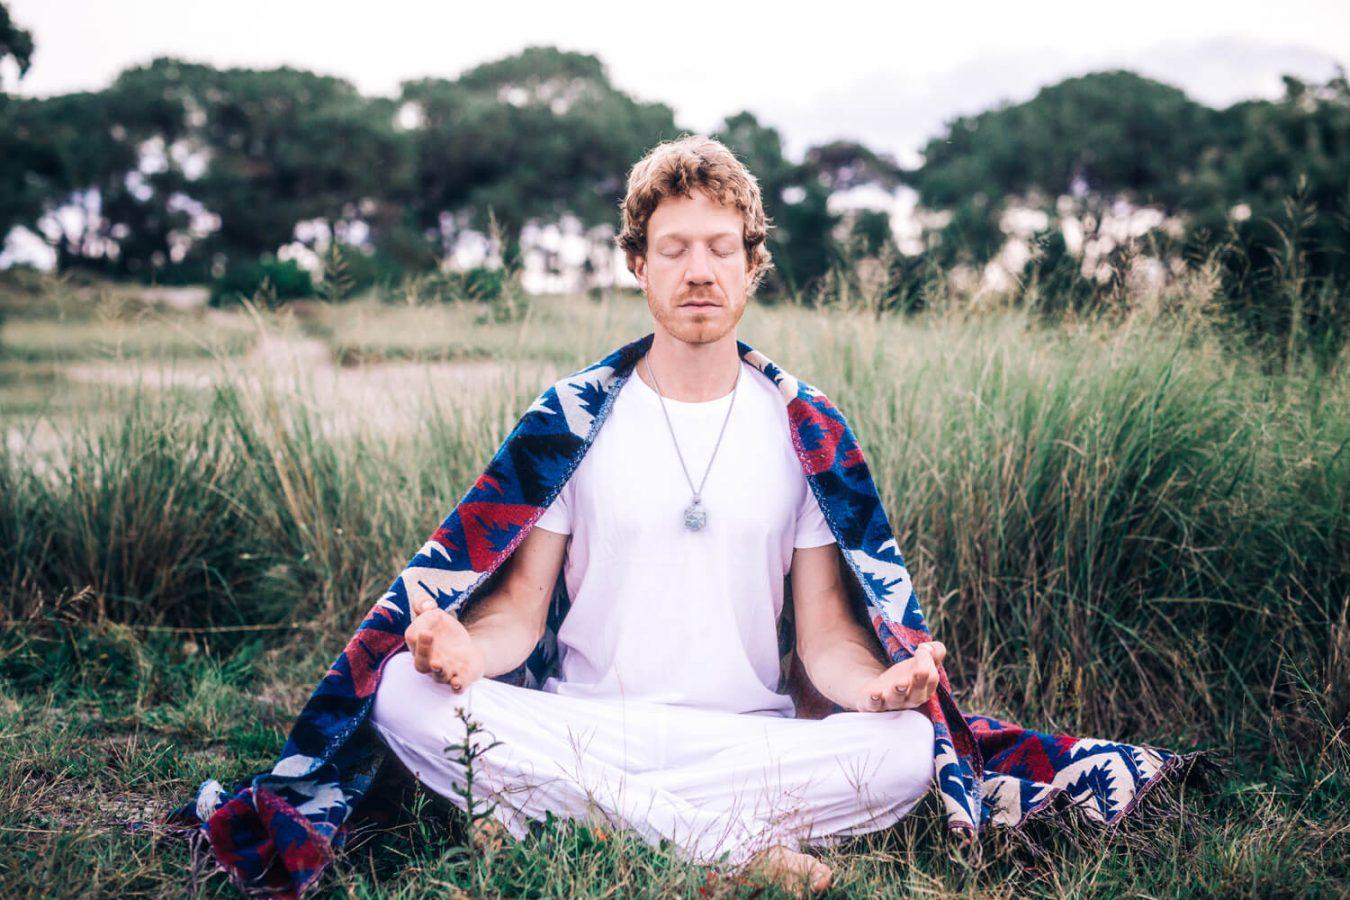 Centennial park_Yoga_Gia_Curt_Shoot_1-KATL7402